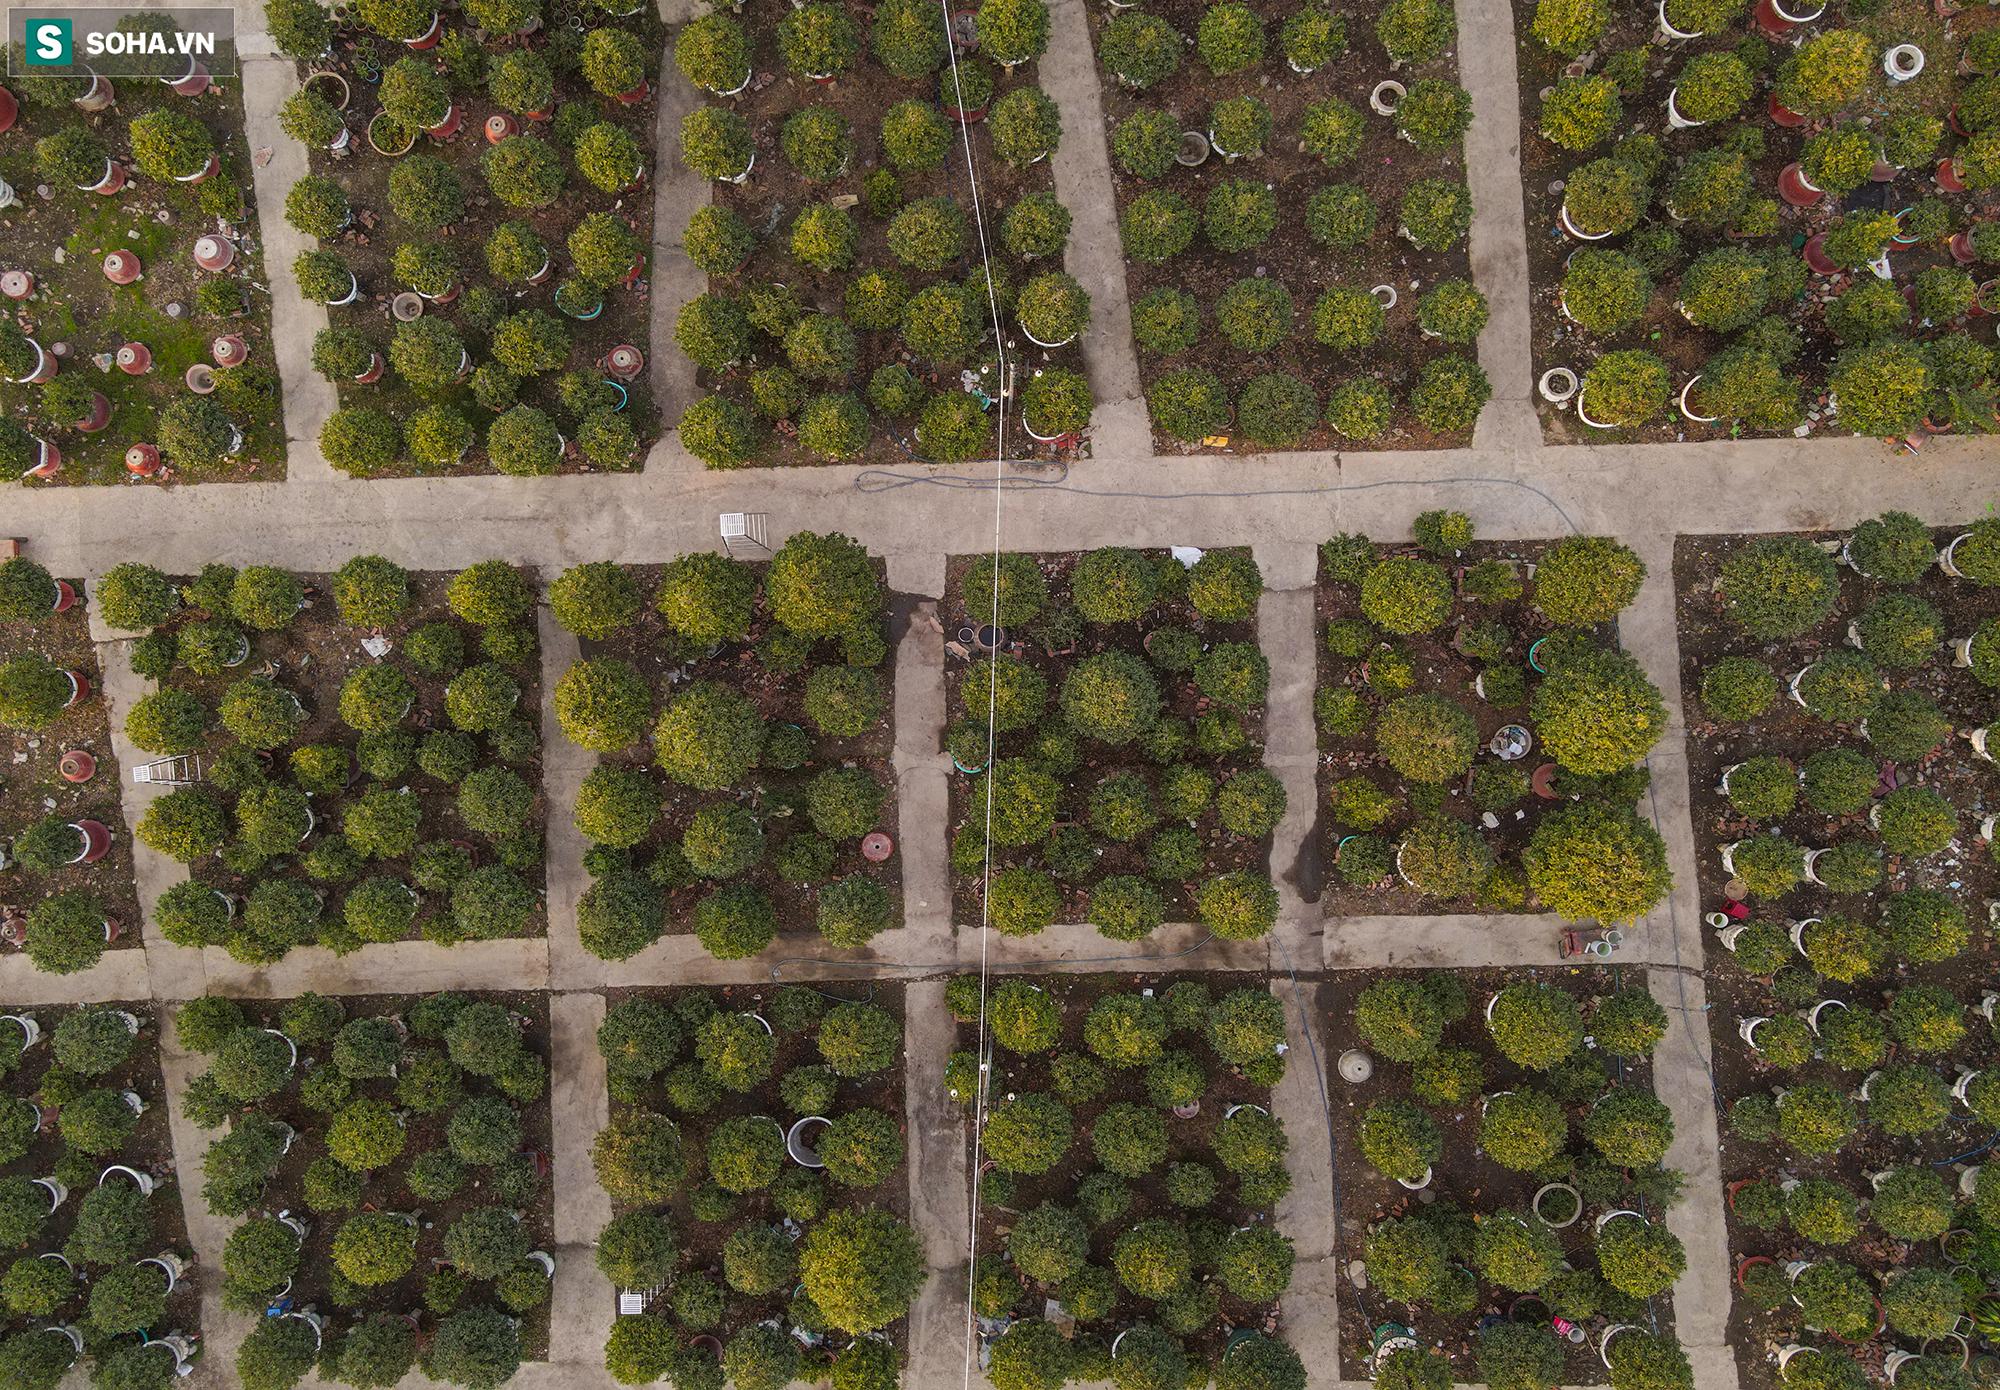 [Ảnh] Hàng nghìn cây mai nở sớm trước Tết cả tháng, chủ vườn mất trắng 15 tỷ đồng - Ảnh 11.